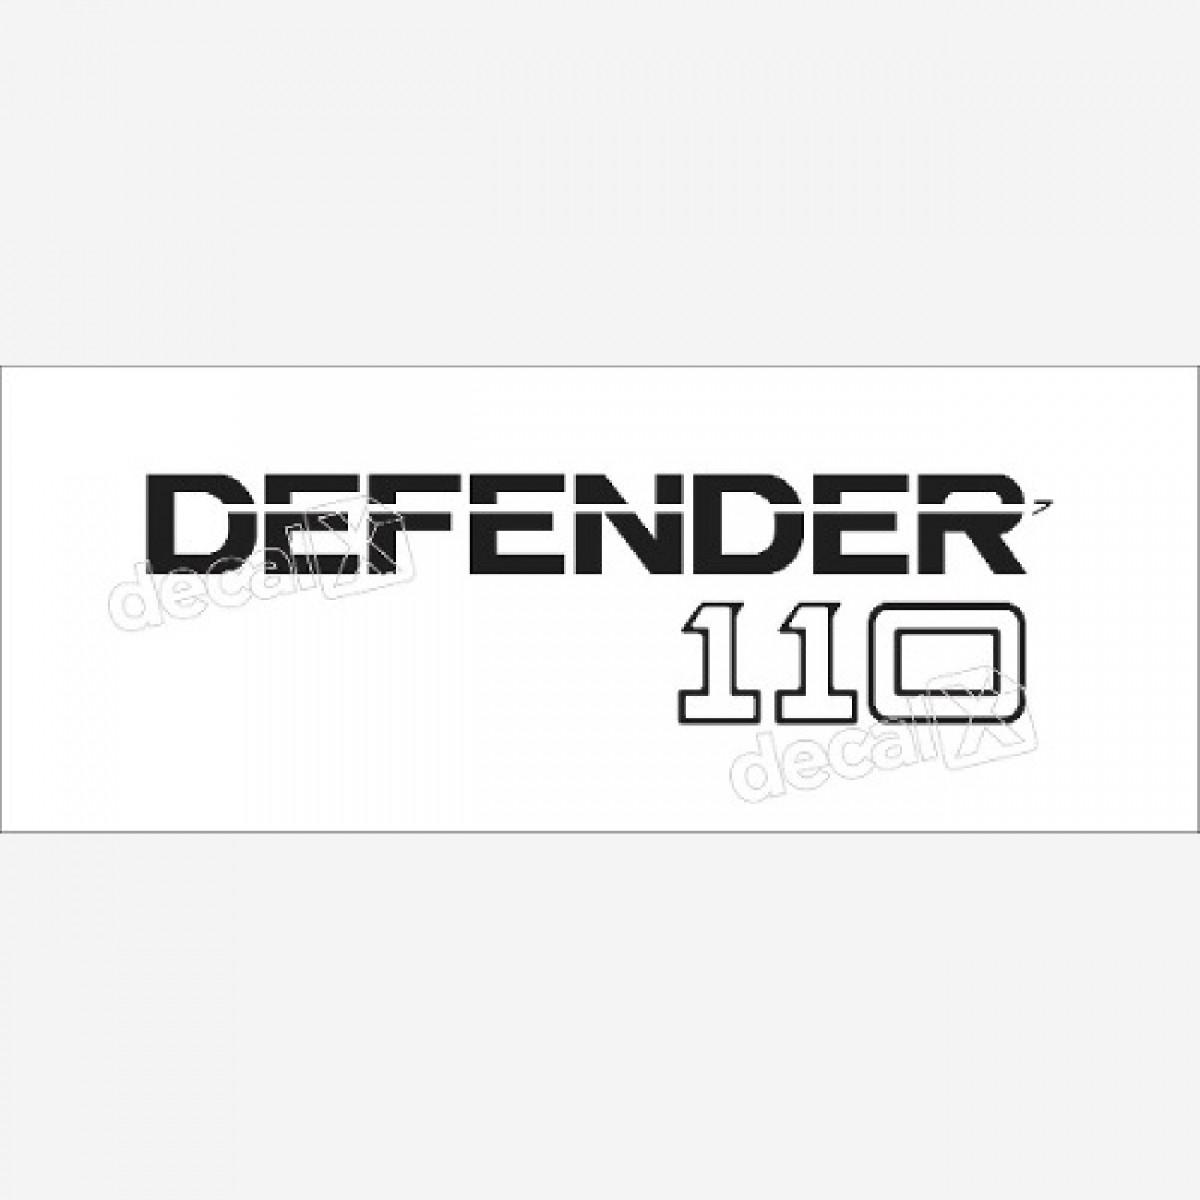 Emblema Adesivo Land Rover Defender 110 Decalx